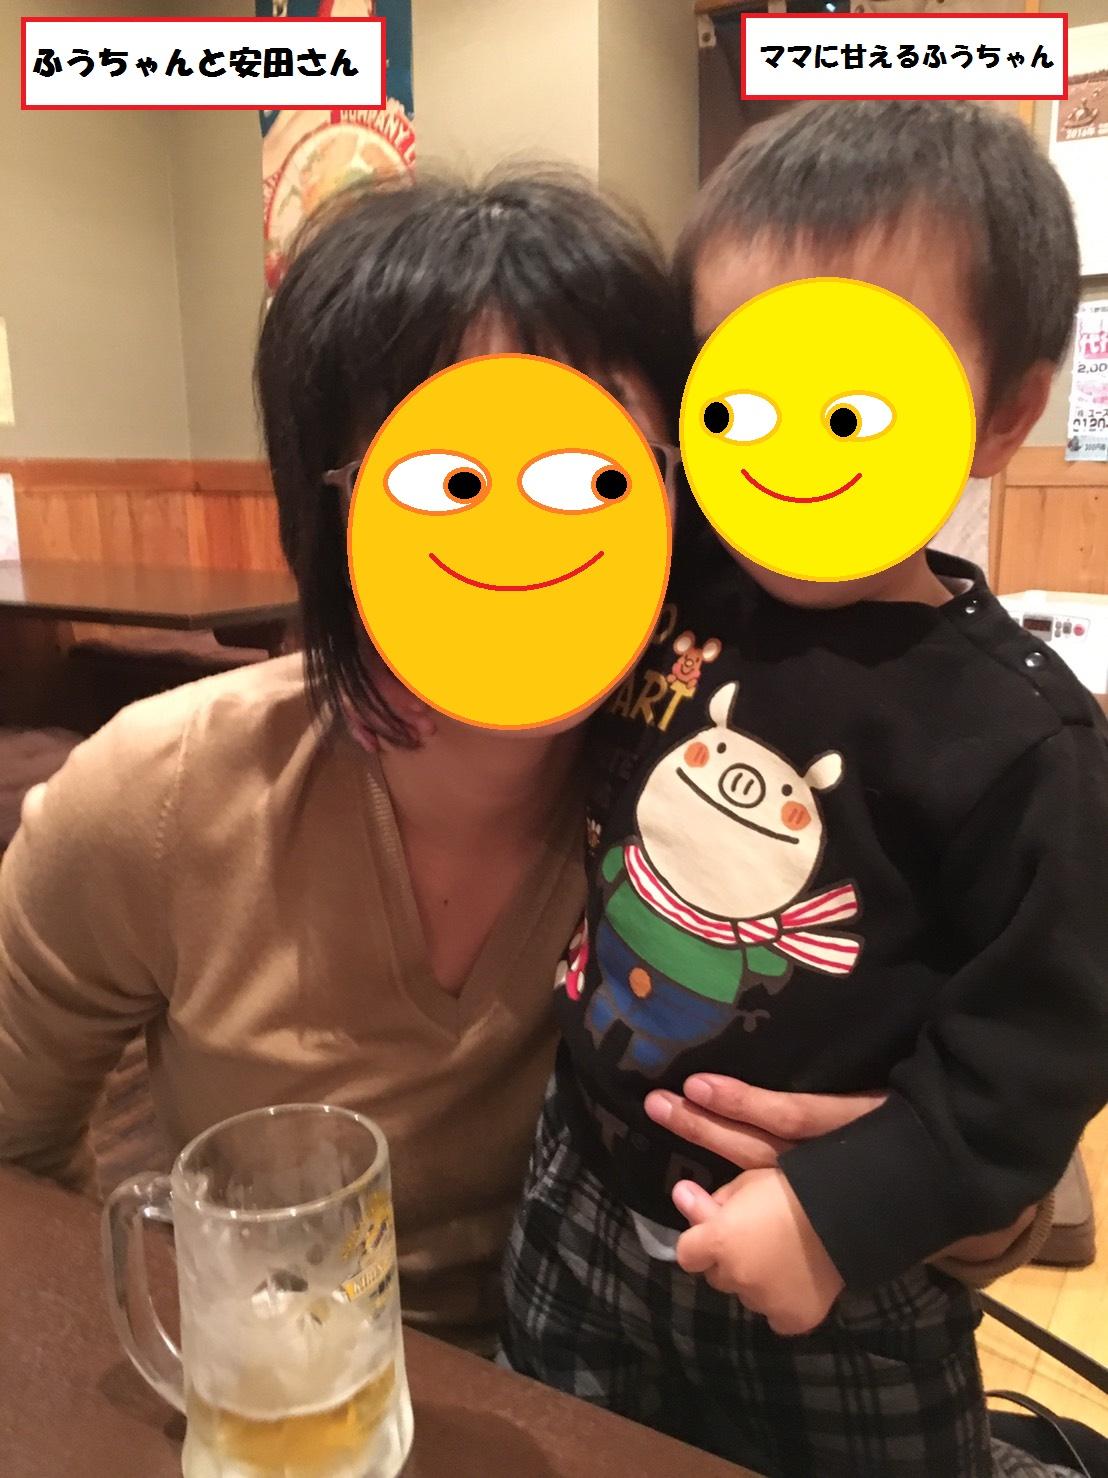 安田さんとふぅちゃんと私_a0113003_16241259.jpg